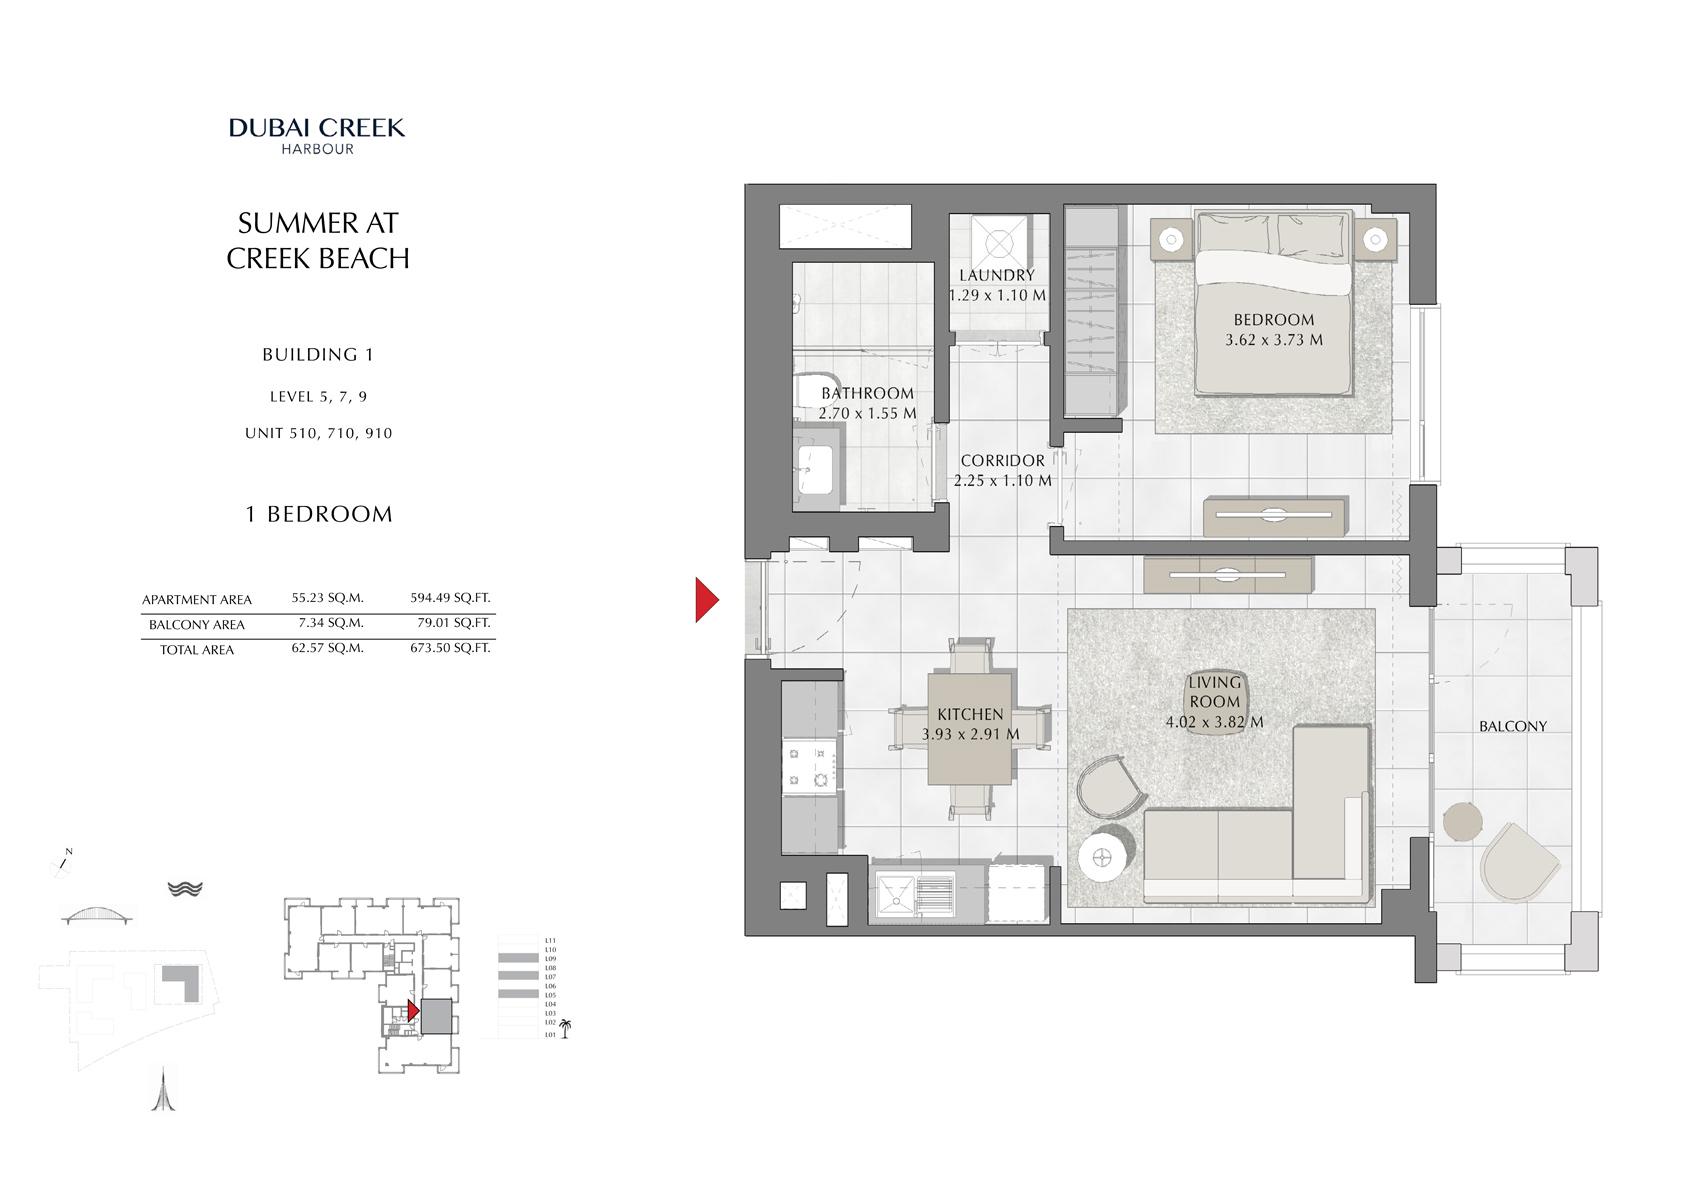 1 Br Building 1 Level-5-7-9 Unit 510-710-910, Size 673 Sq Ft